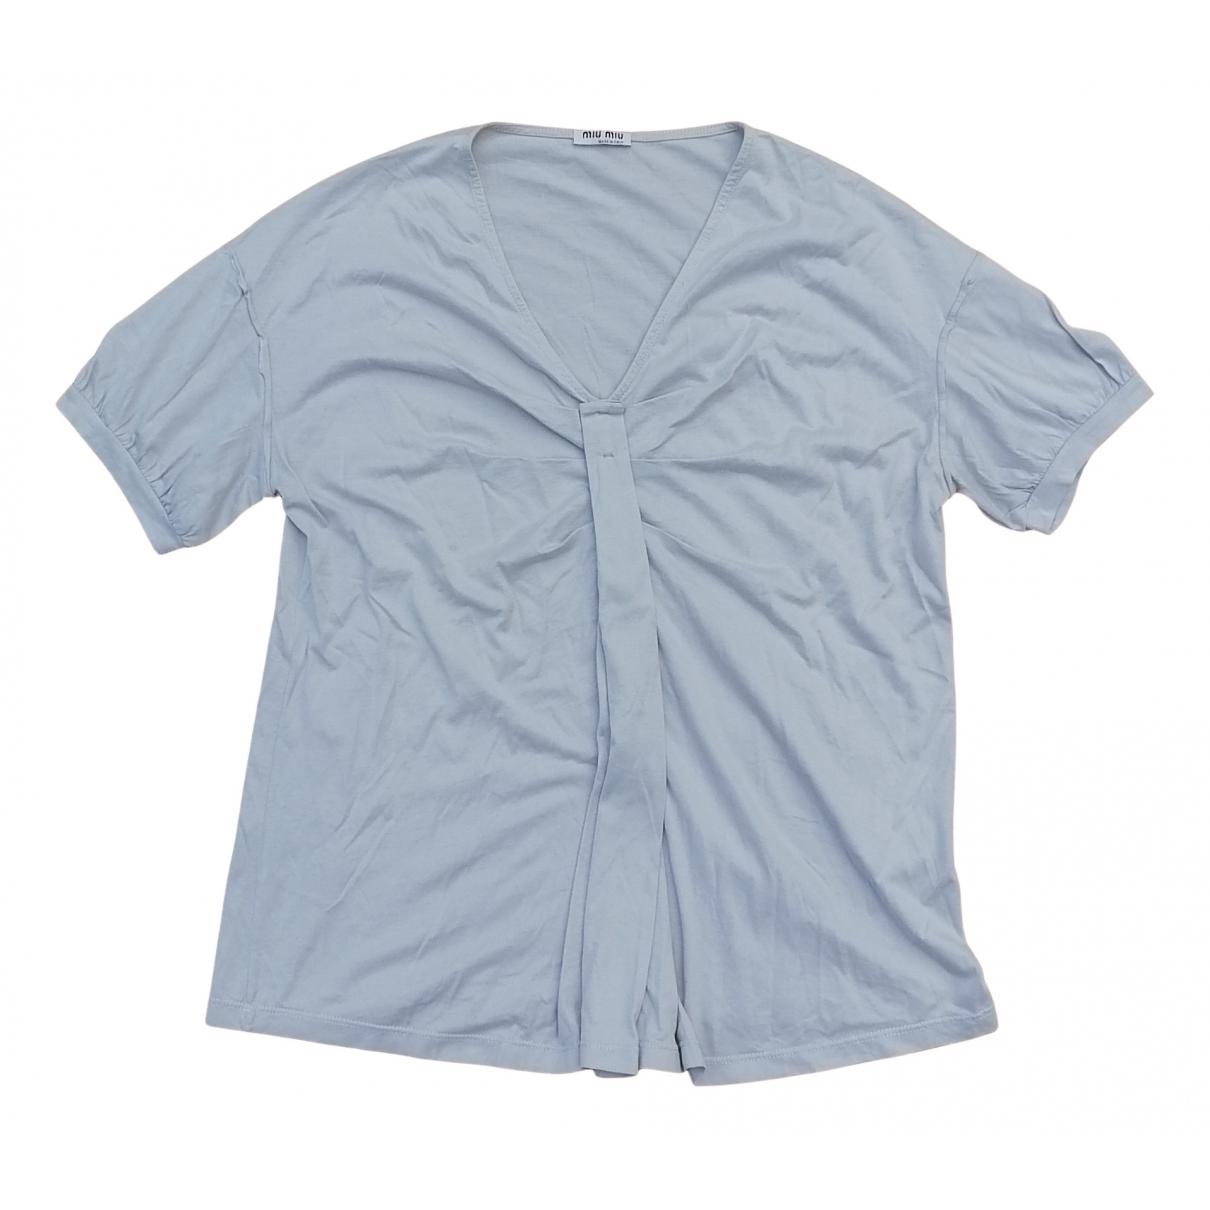 Miu Miu - Top   pour femme en coton - gris